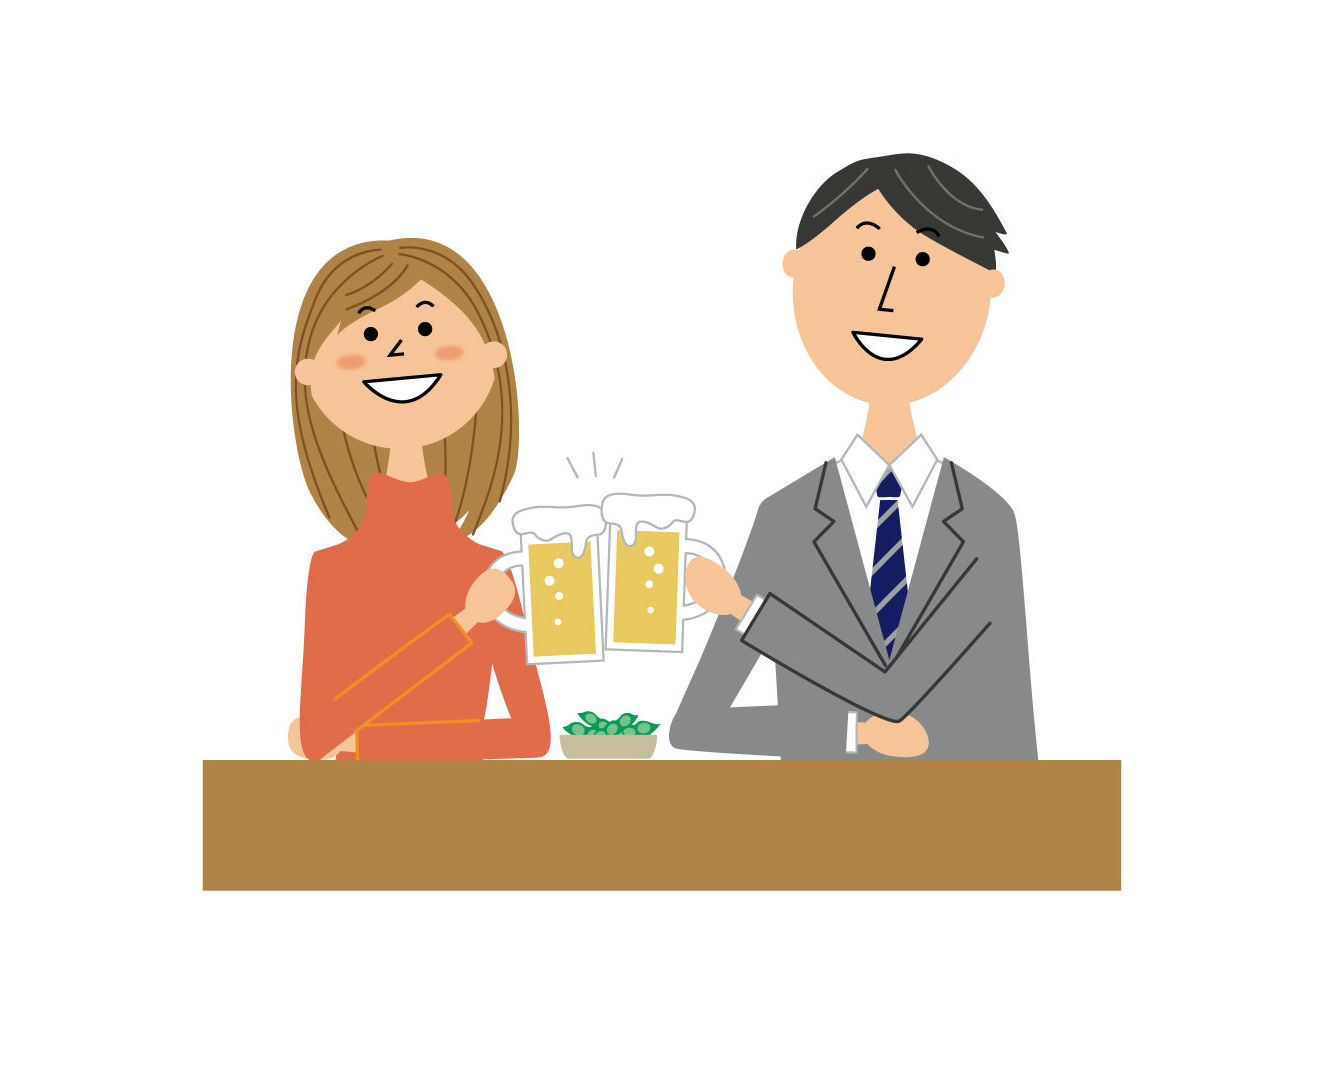 「知らなくていいコト」2話の焼き鳥屋はどこ?佐々木蔵之介とケイトが話した居酒屋の店の名前と場所は?